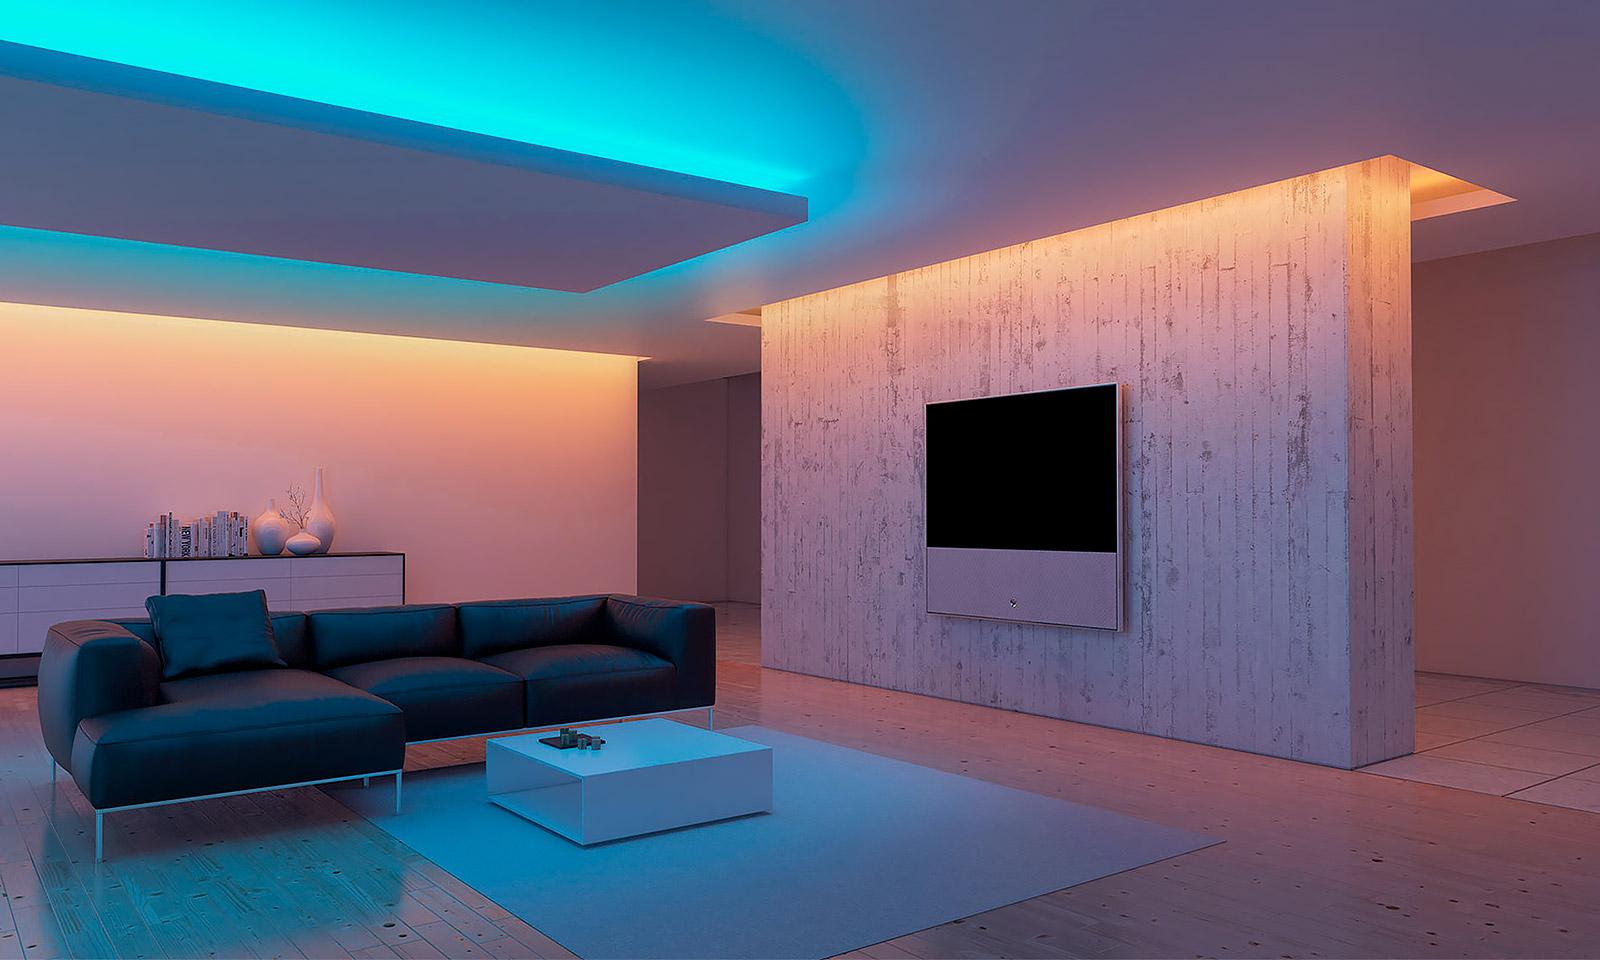 освещение квартиры светодиодной лентой